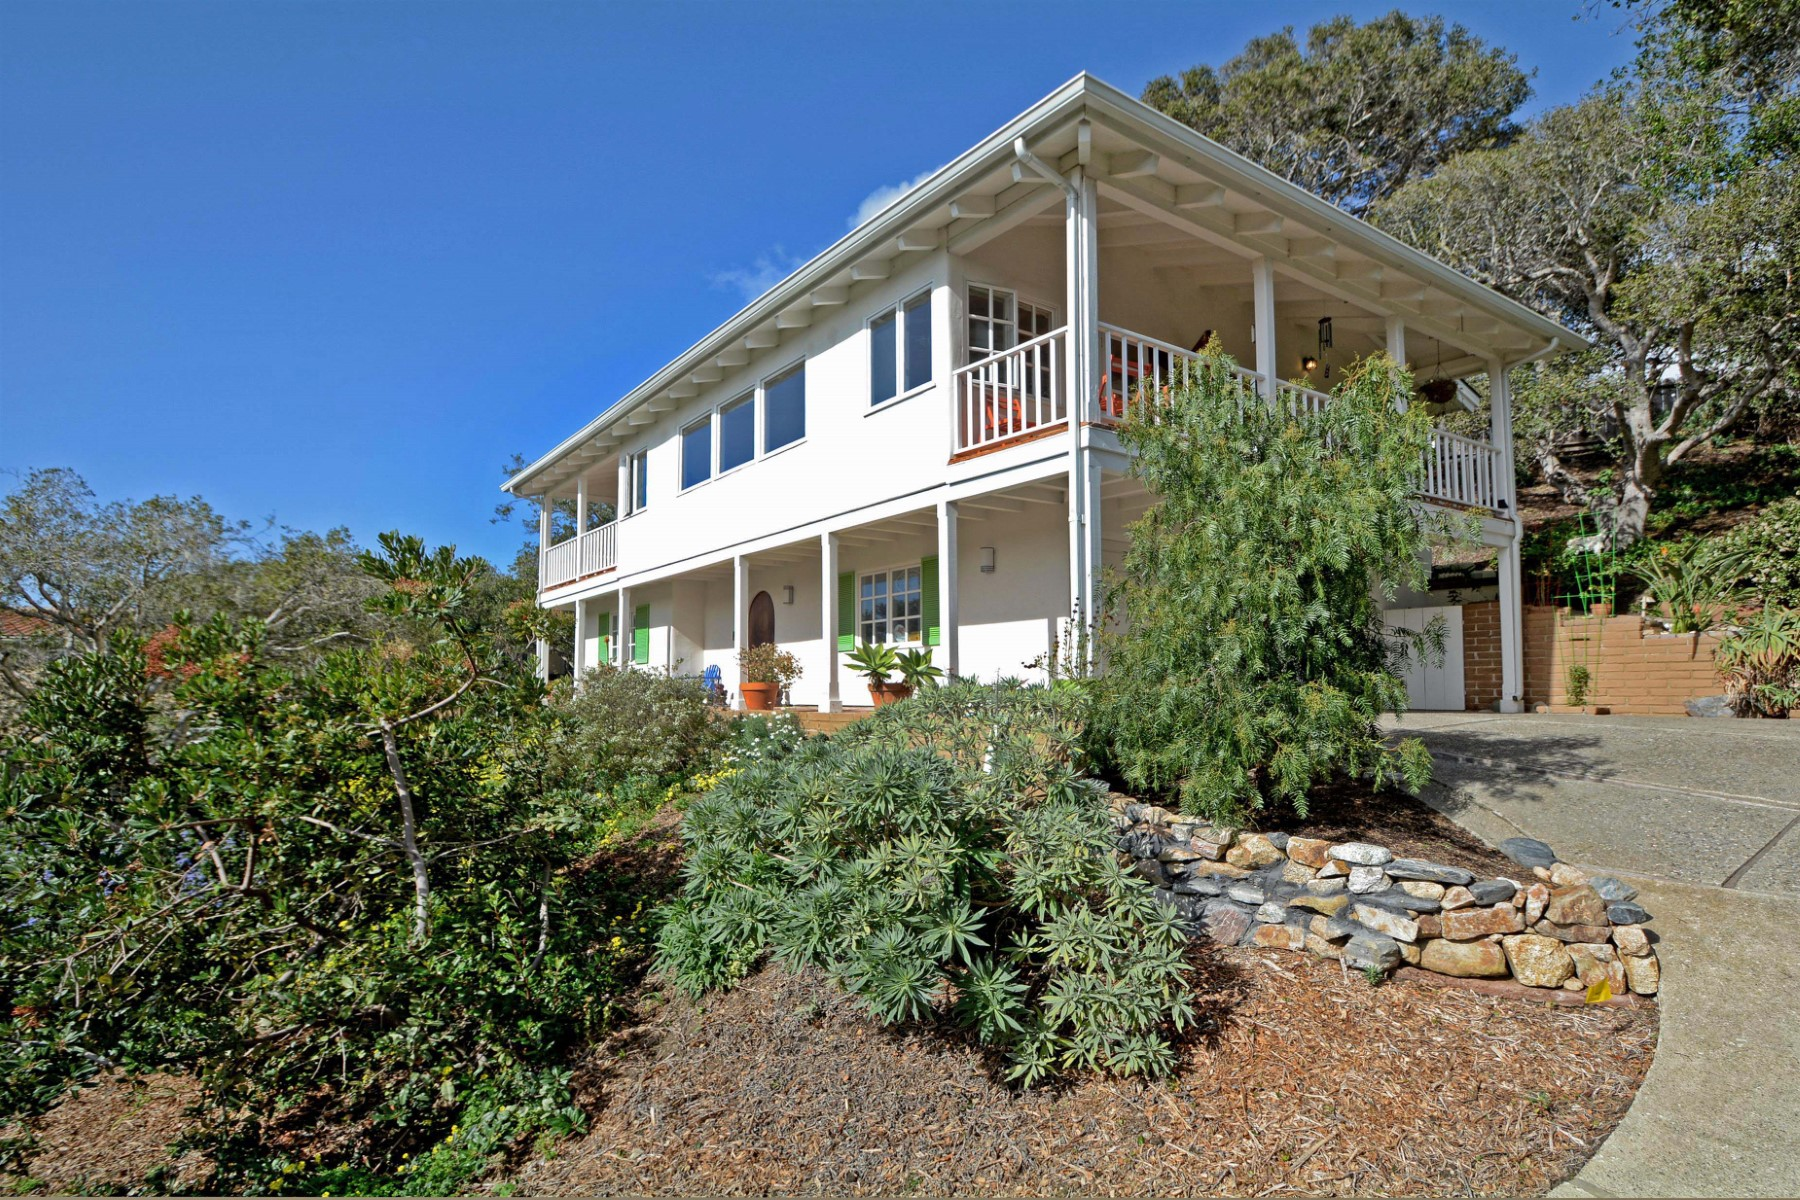 Moradia para Venda às Carmel Views 26282 Atherton Drive Carmel, Califórnia 93923 Estados Unidos